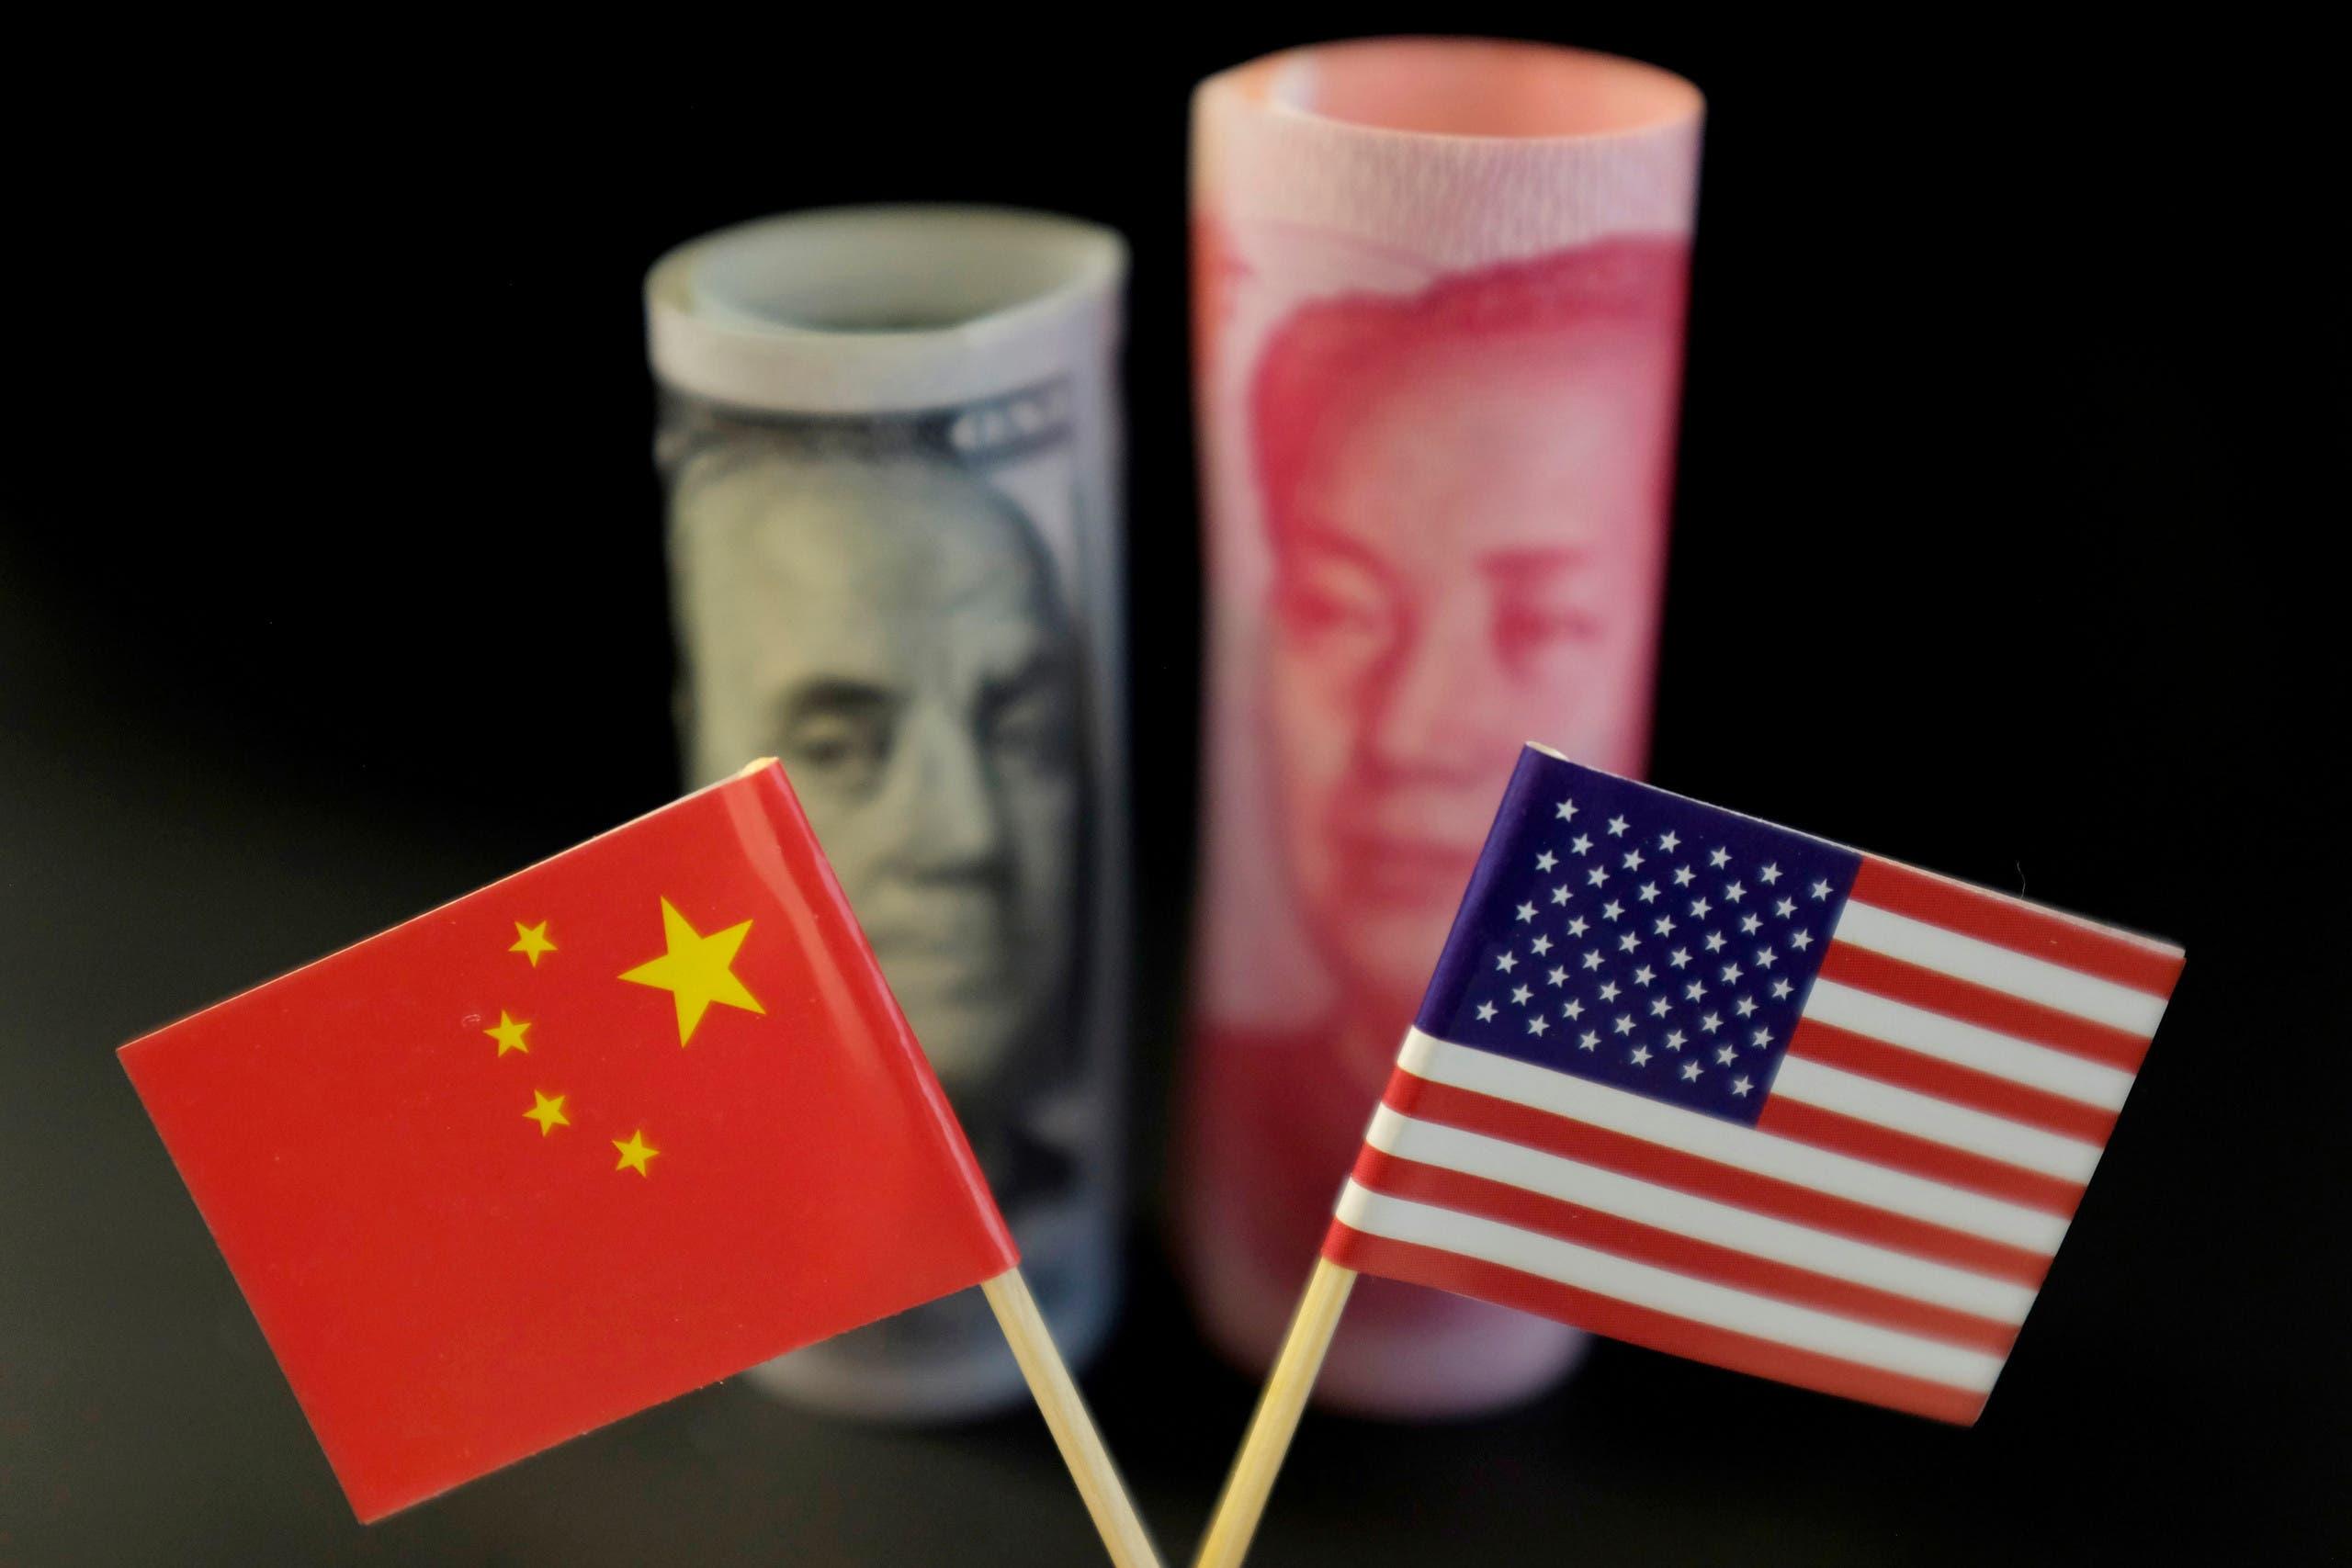 النظام المالي العالمي سيحدد العملة الأكثر اعتمادية ومرونة